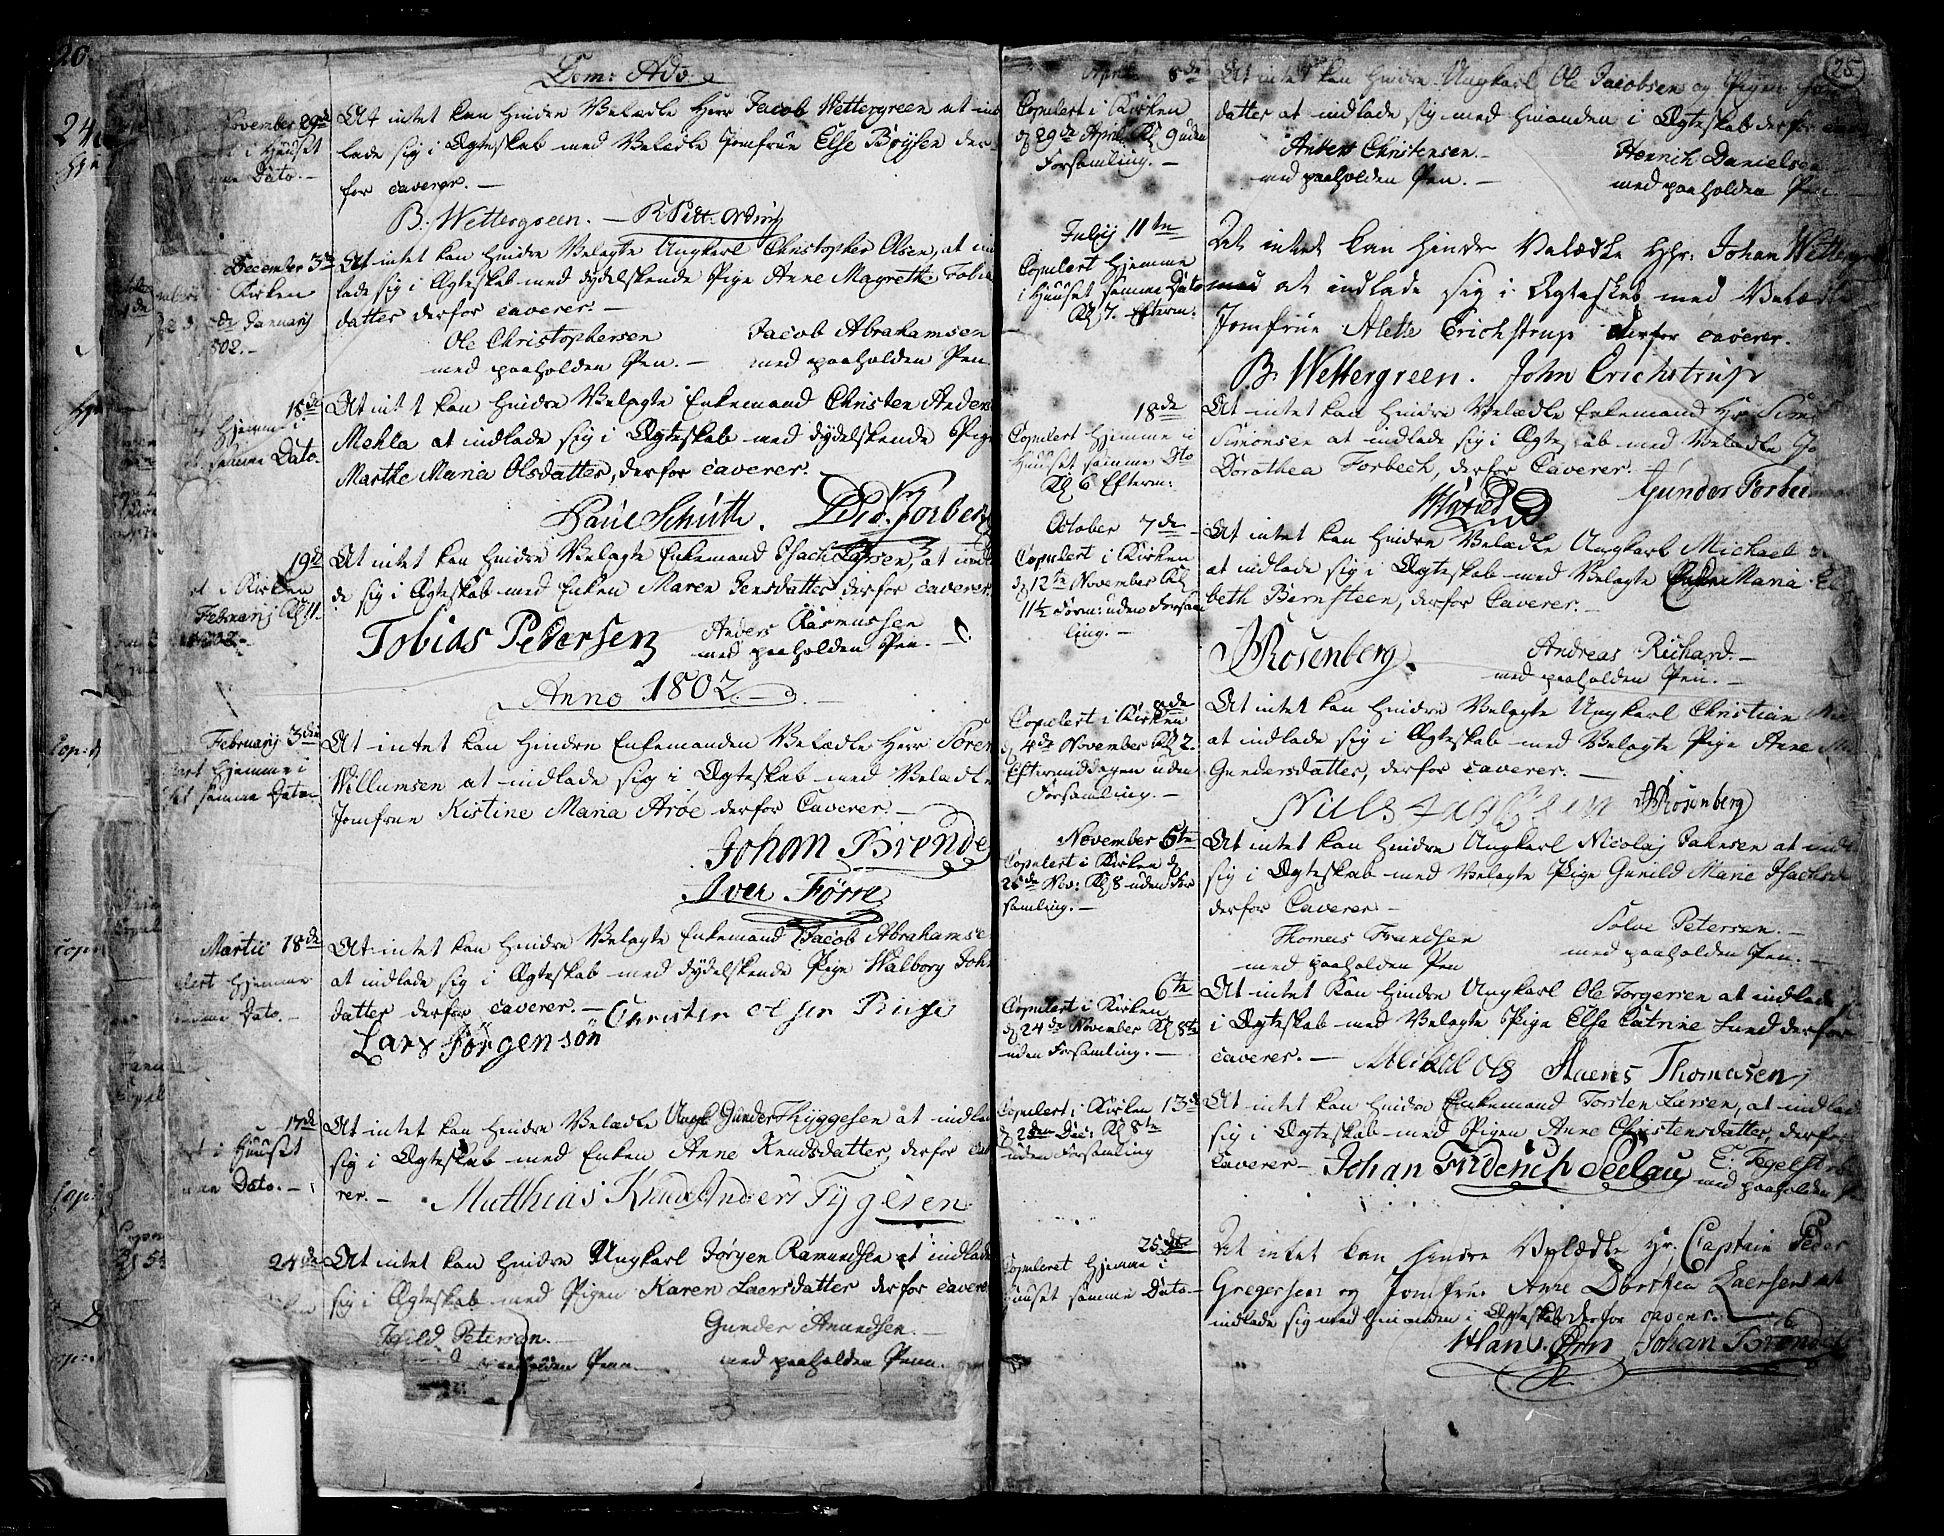 SAKO, Skien kirkebøker, F/Fa/L0004: Ministerialbok nr. 4, 1792-1814, s. 24-25